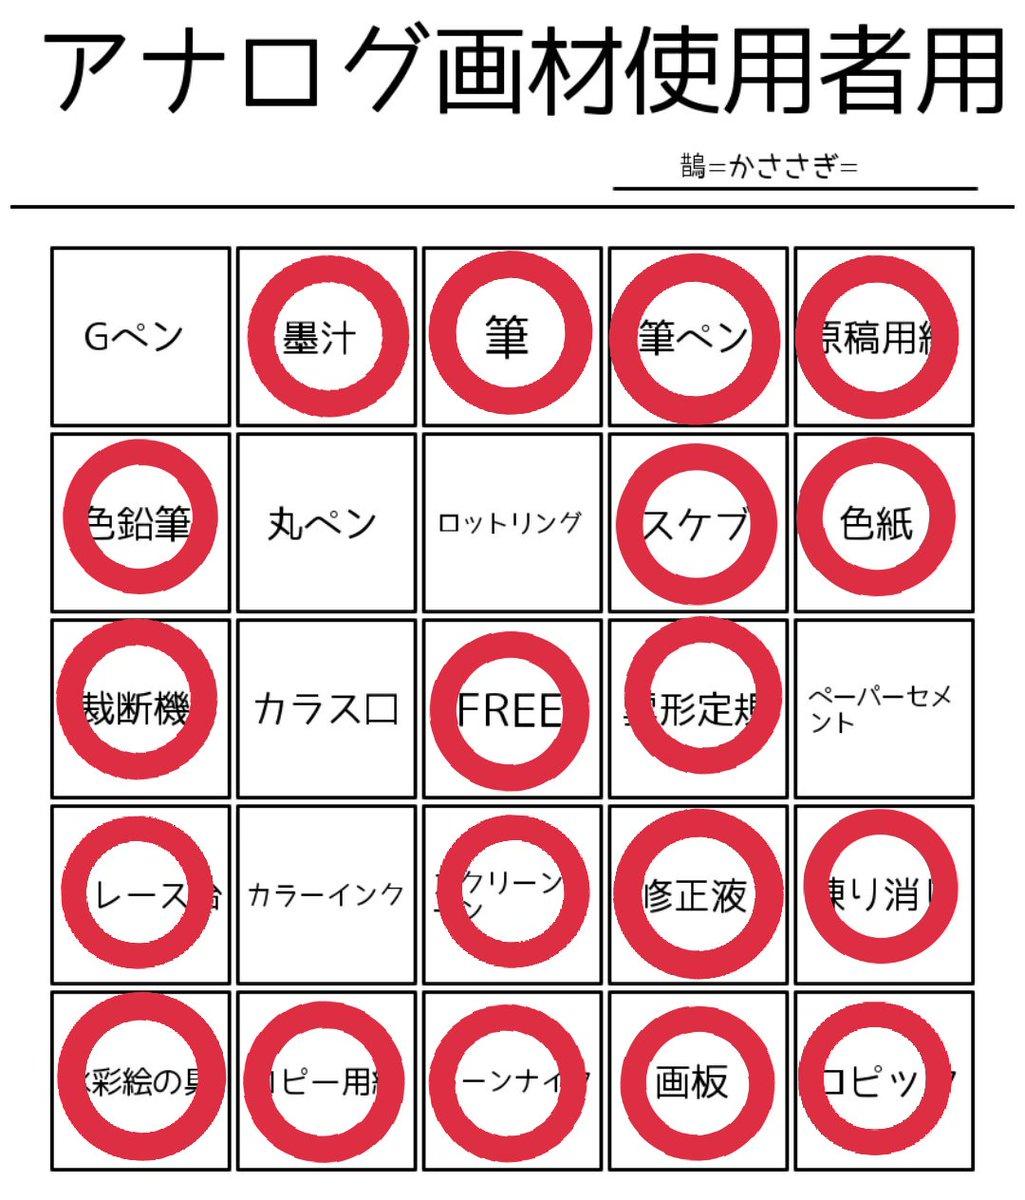 #めけぽんビンゴ Latest News Trends Updates Images - kasasagi9665